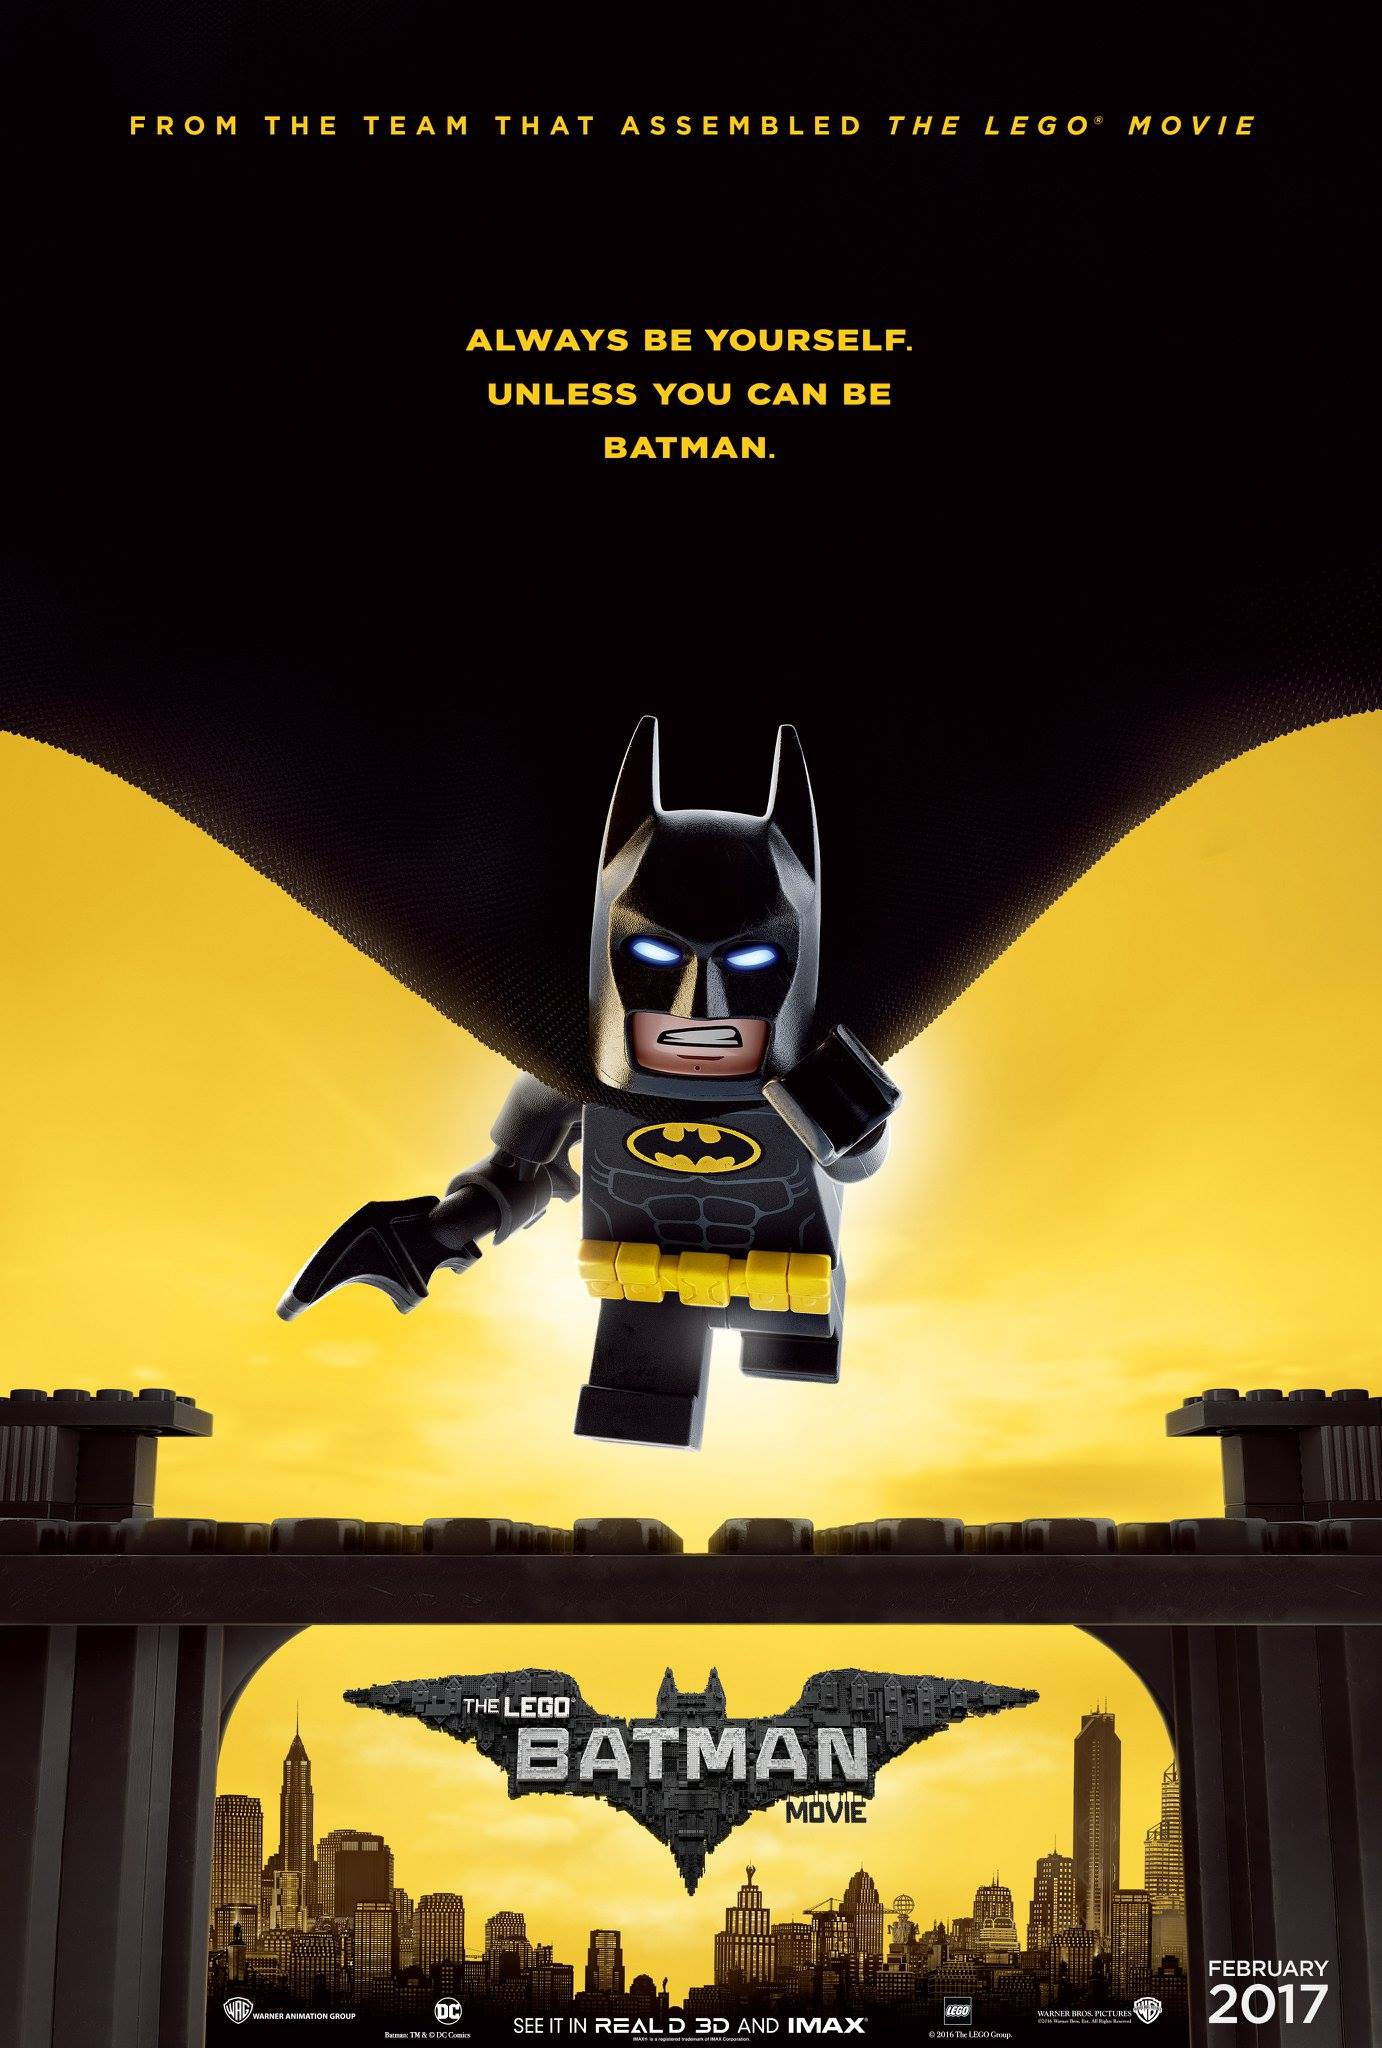 бэтмен онлайн фильм